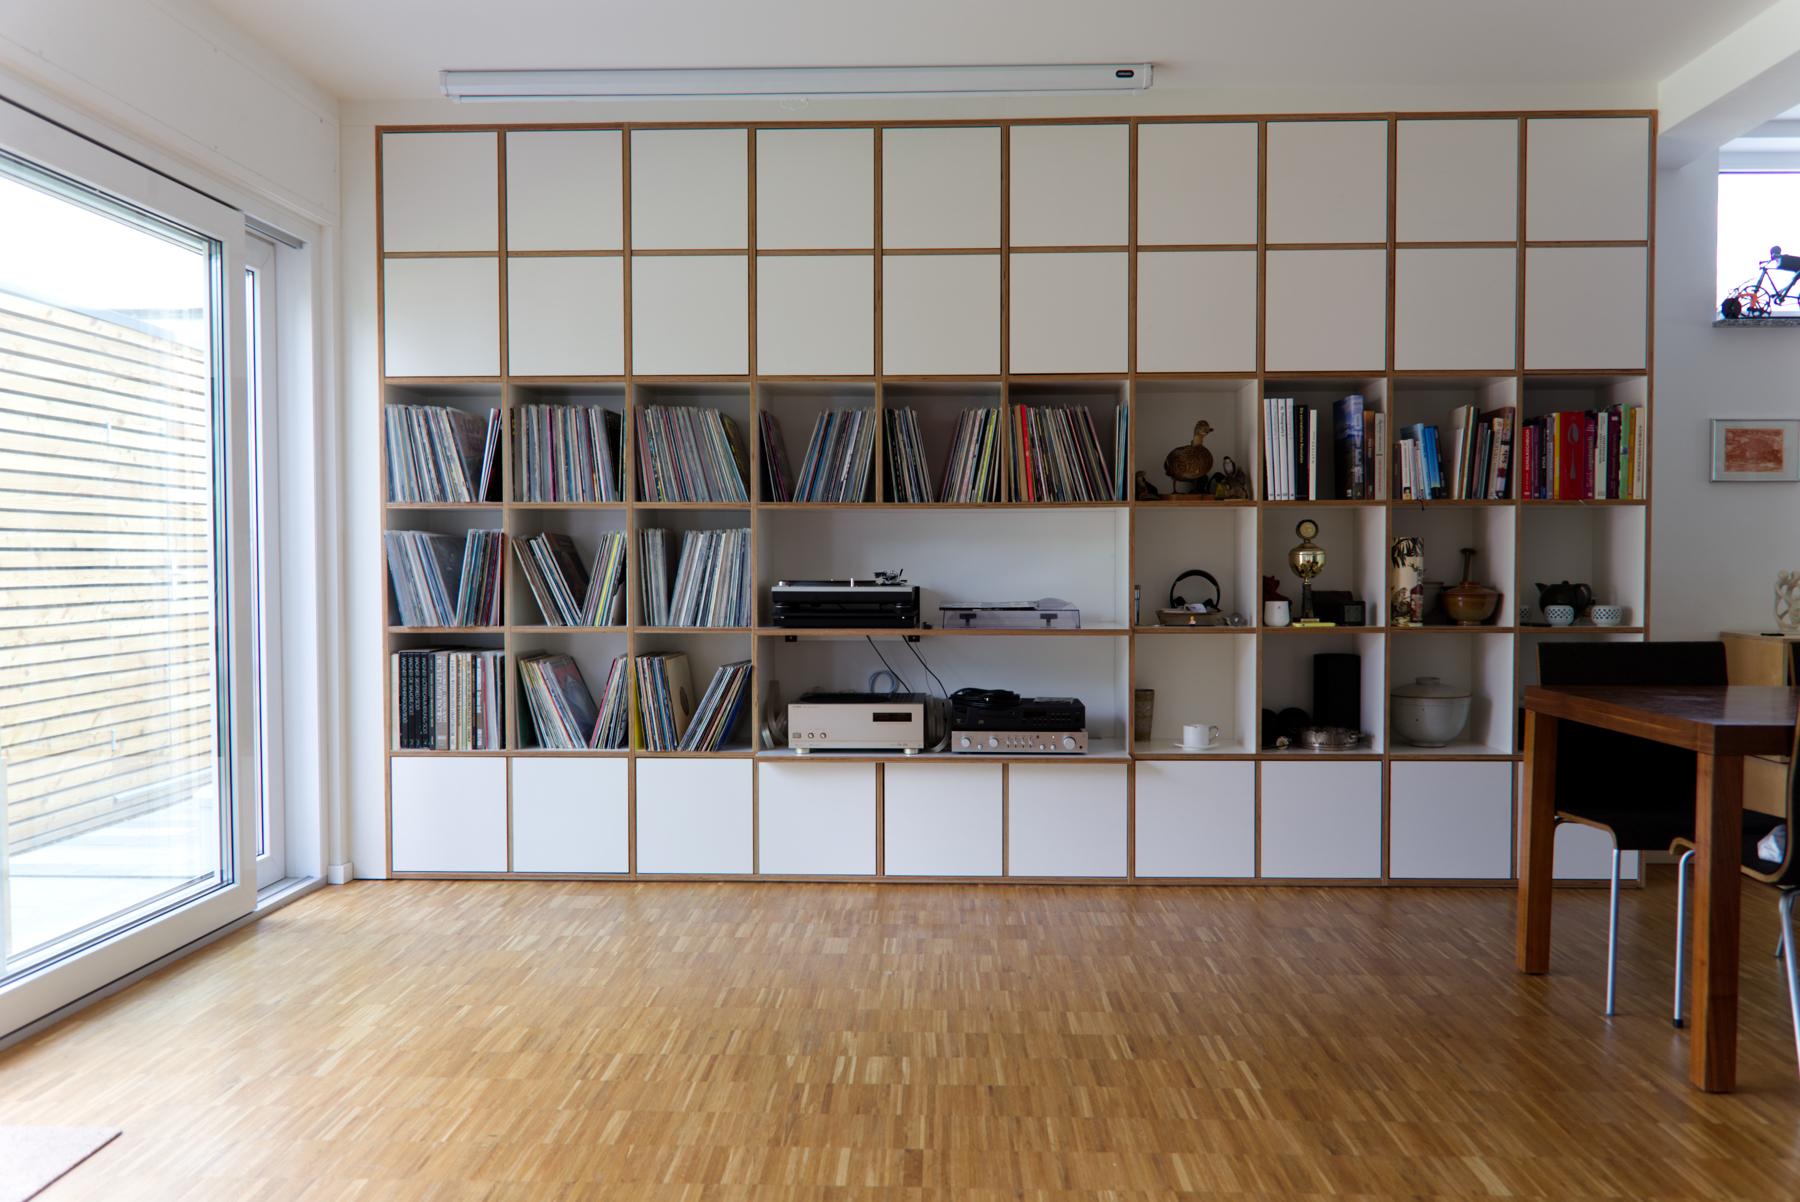 Shelf @keinStil. Innenausbau, Möbeldesign, Interiordesign